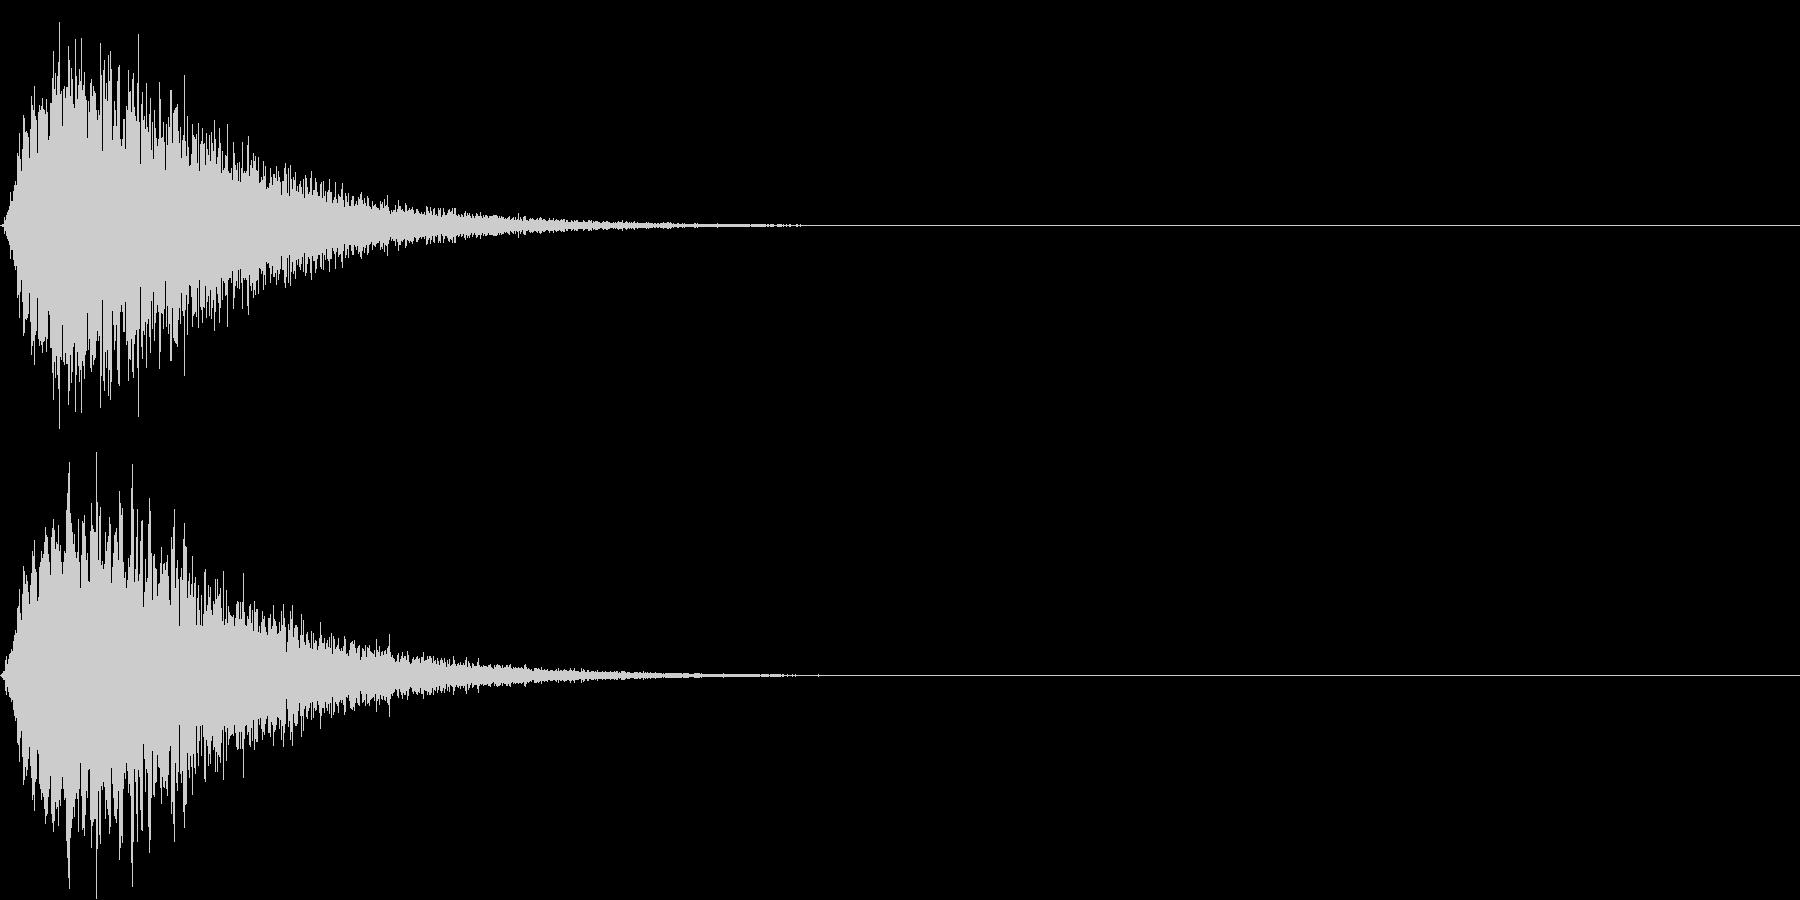 キュイン ボタン ピキーン キーン 7の未再生の波形